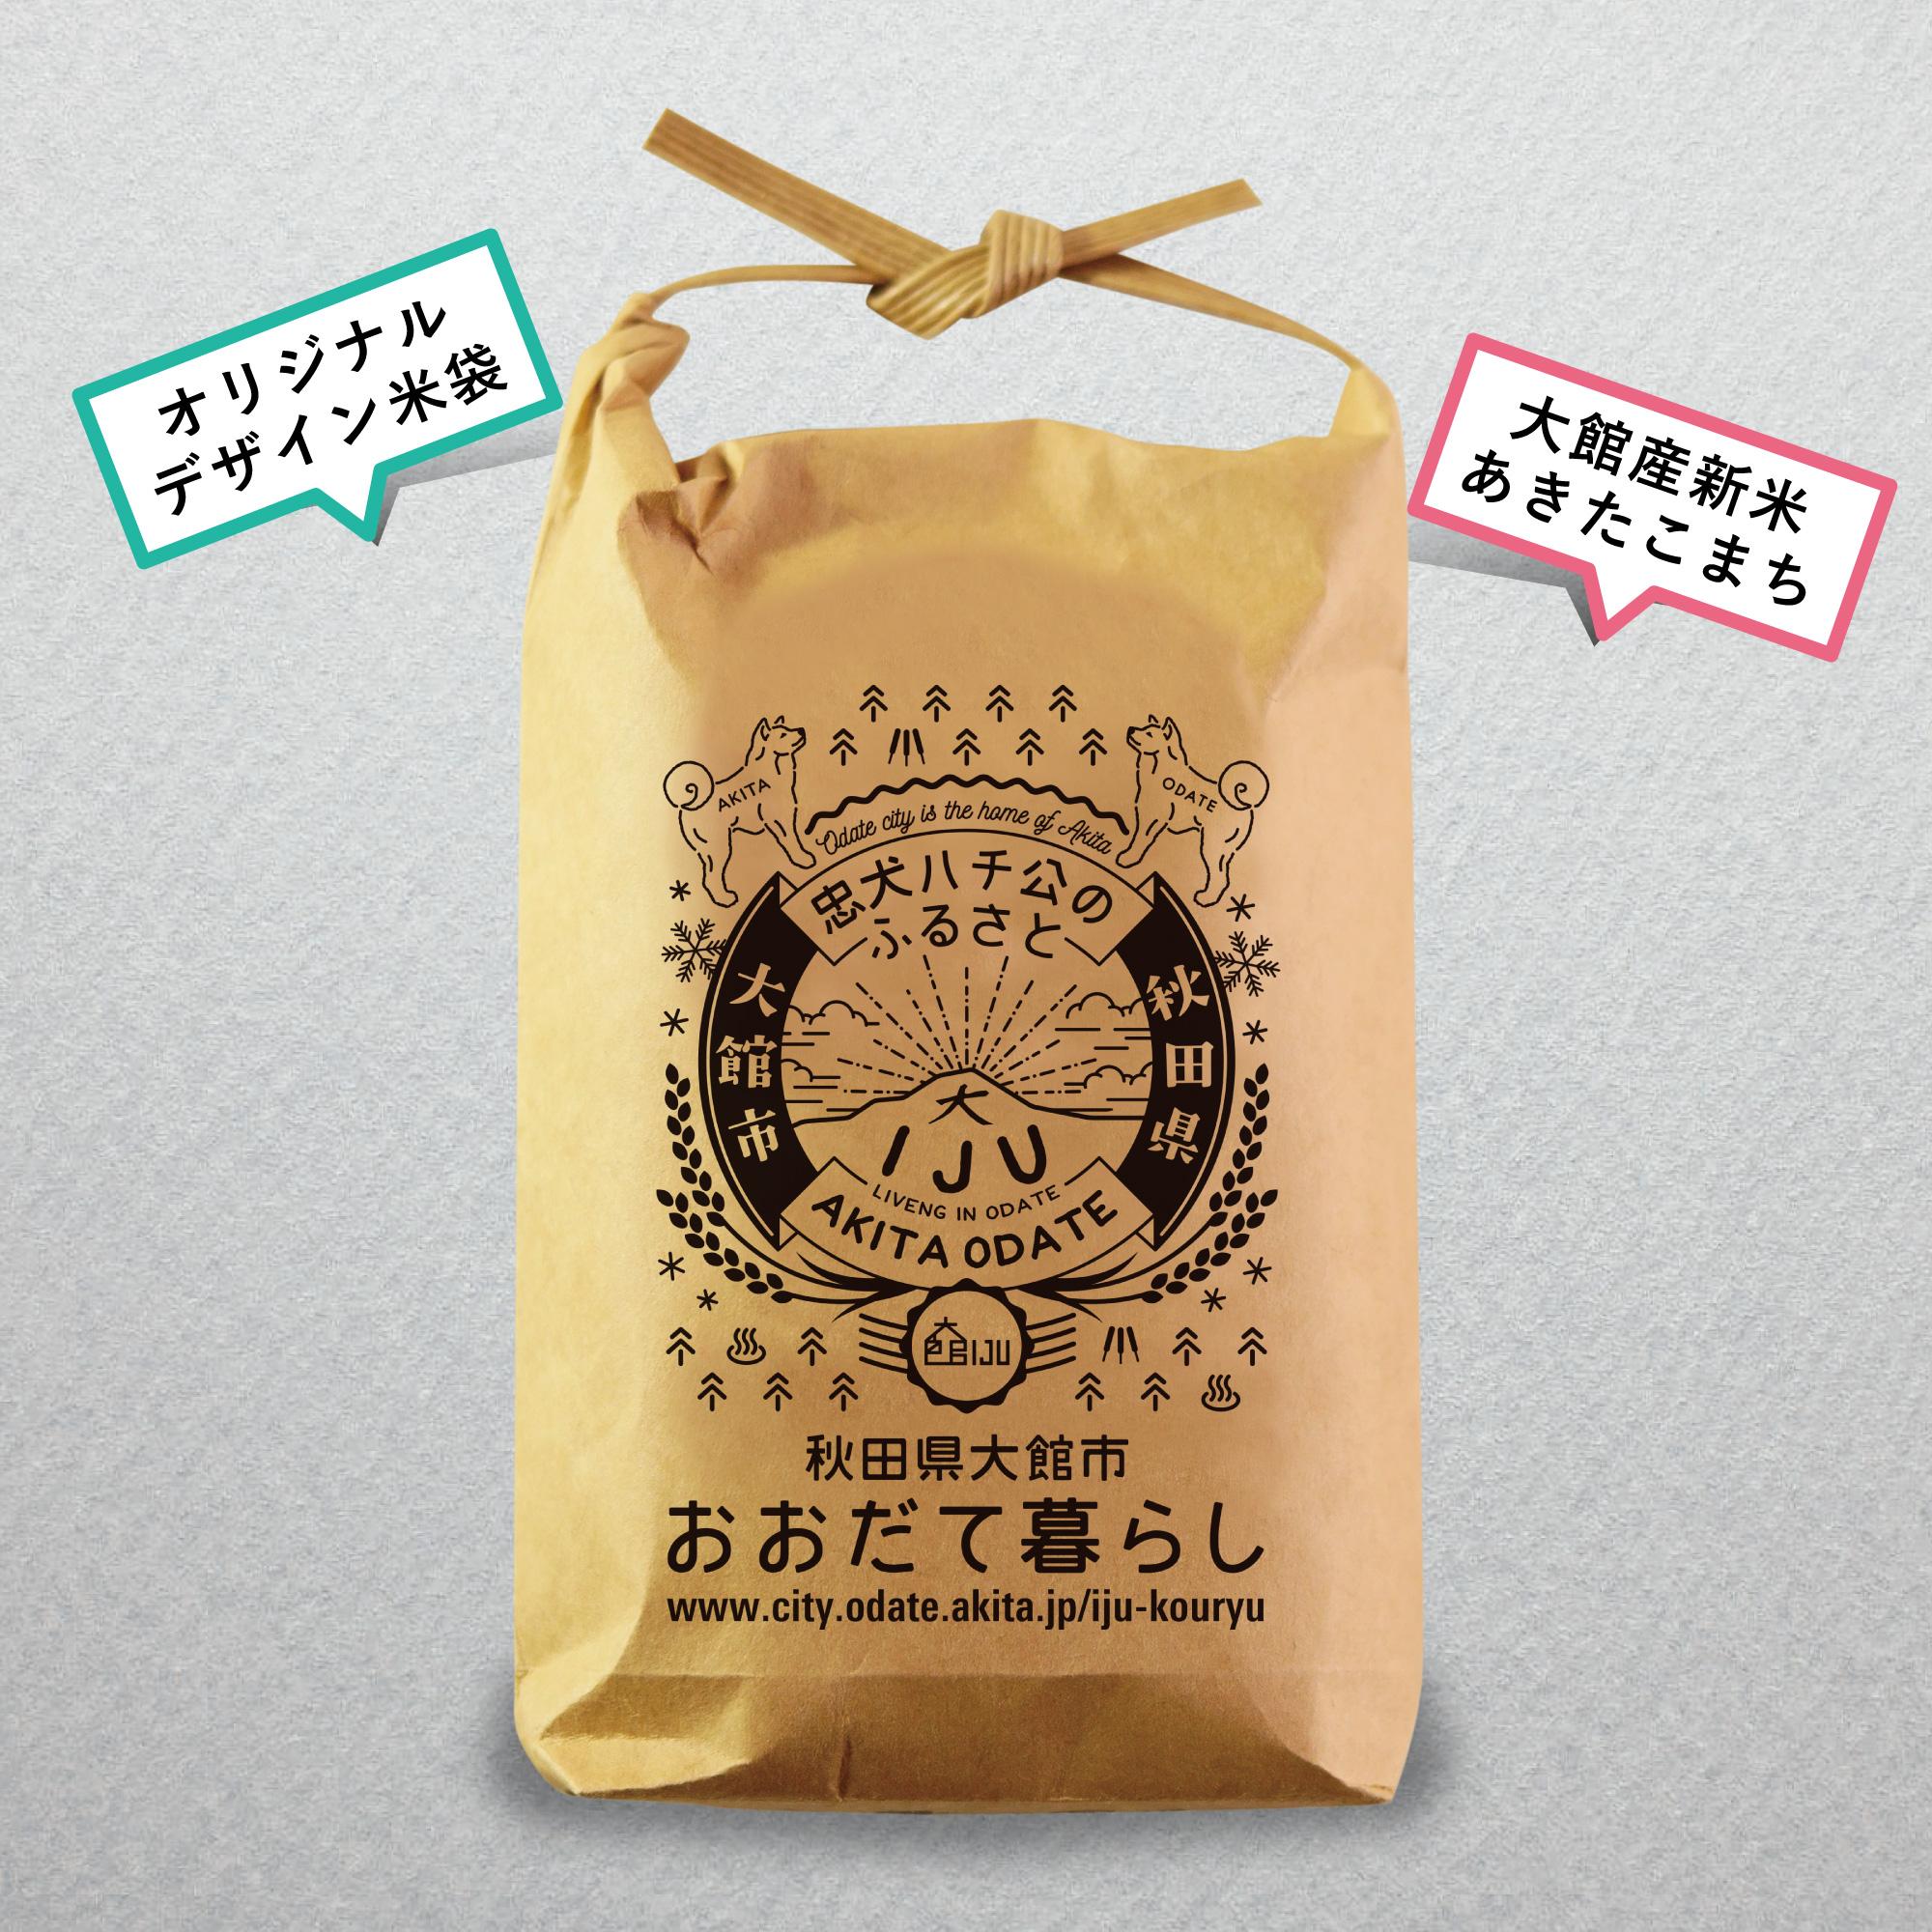 大館市産 新米 あきたこまち 二合 オリジナルデザイン 米袋